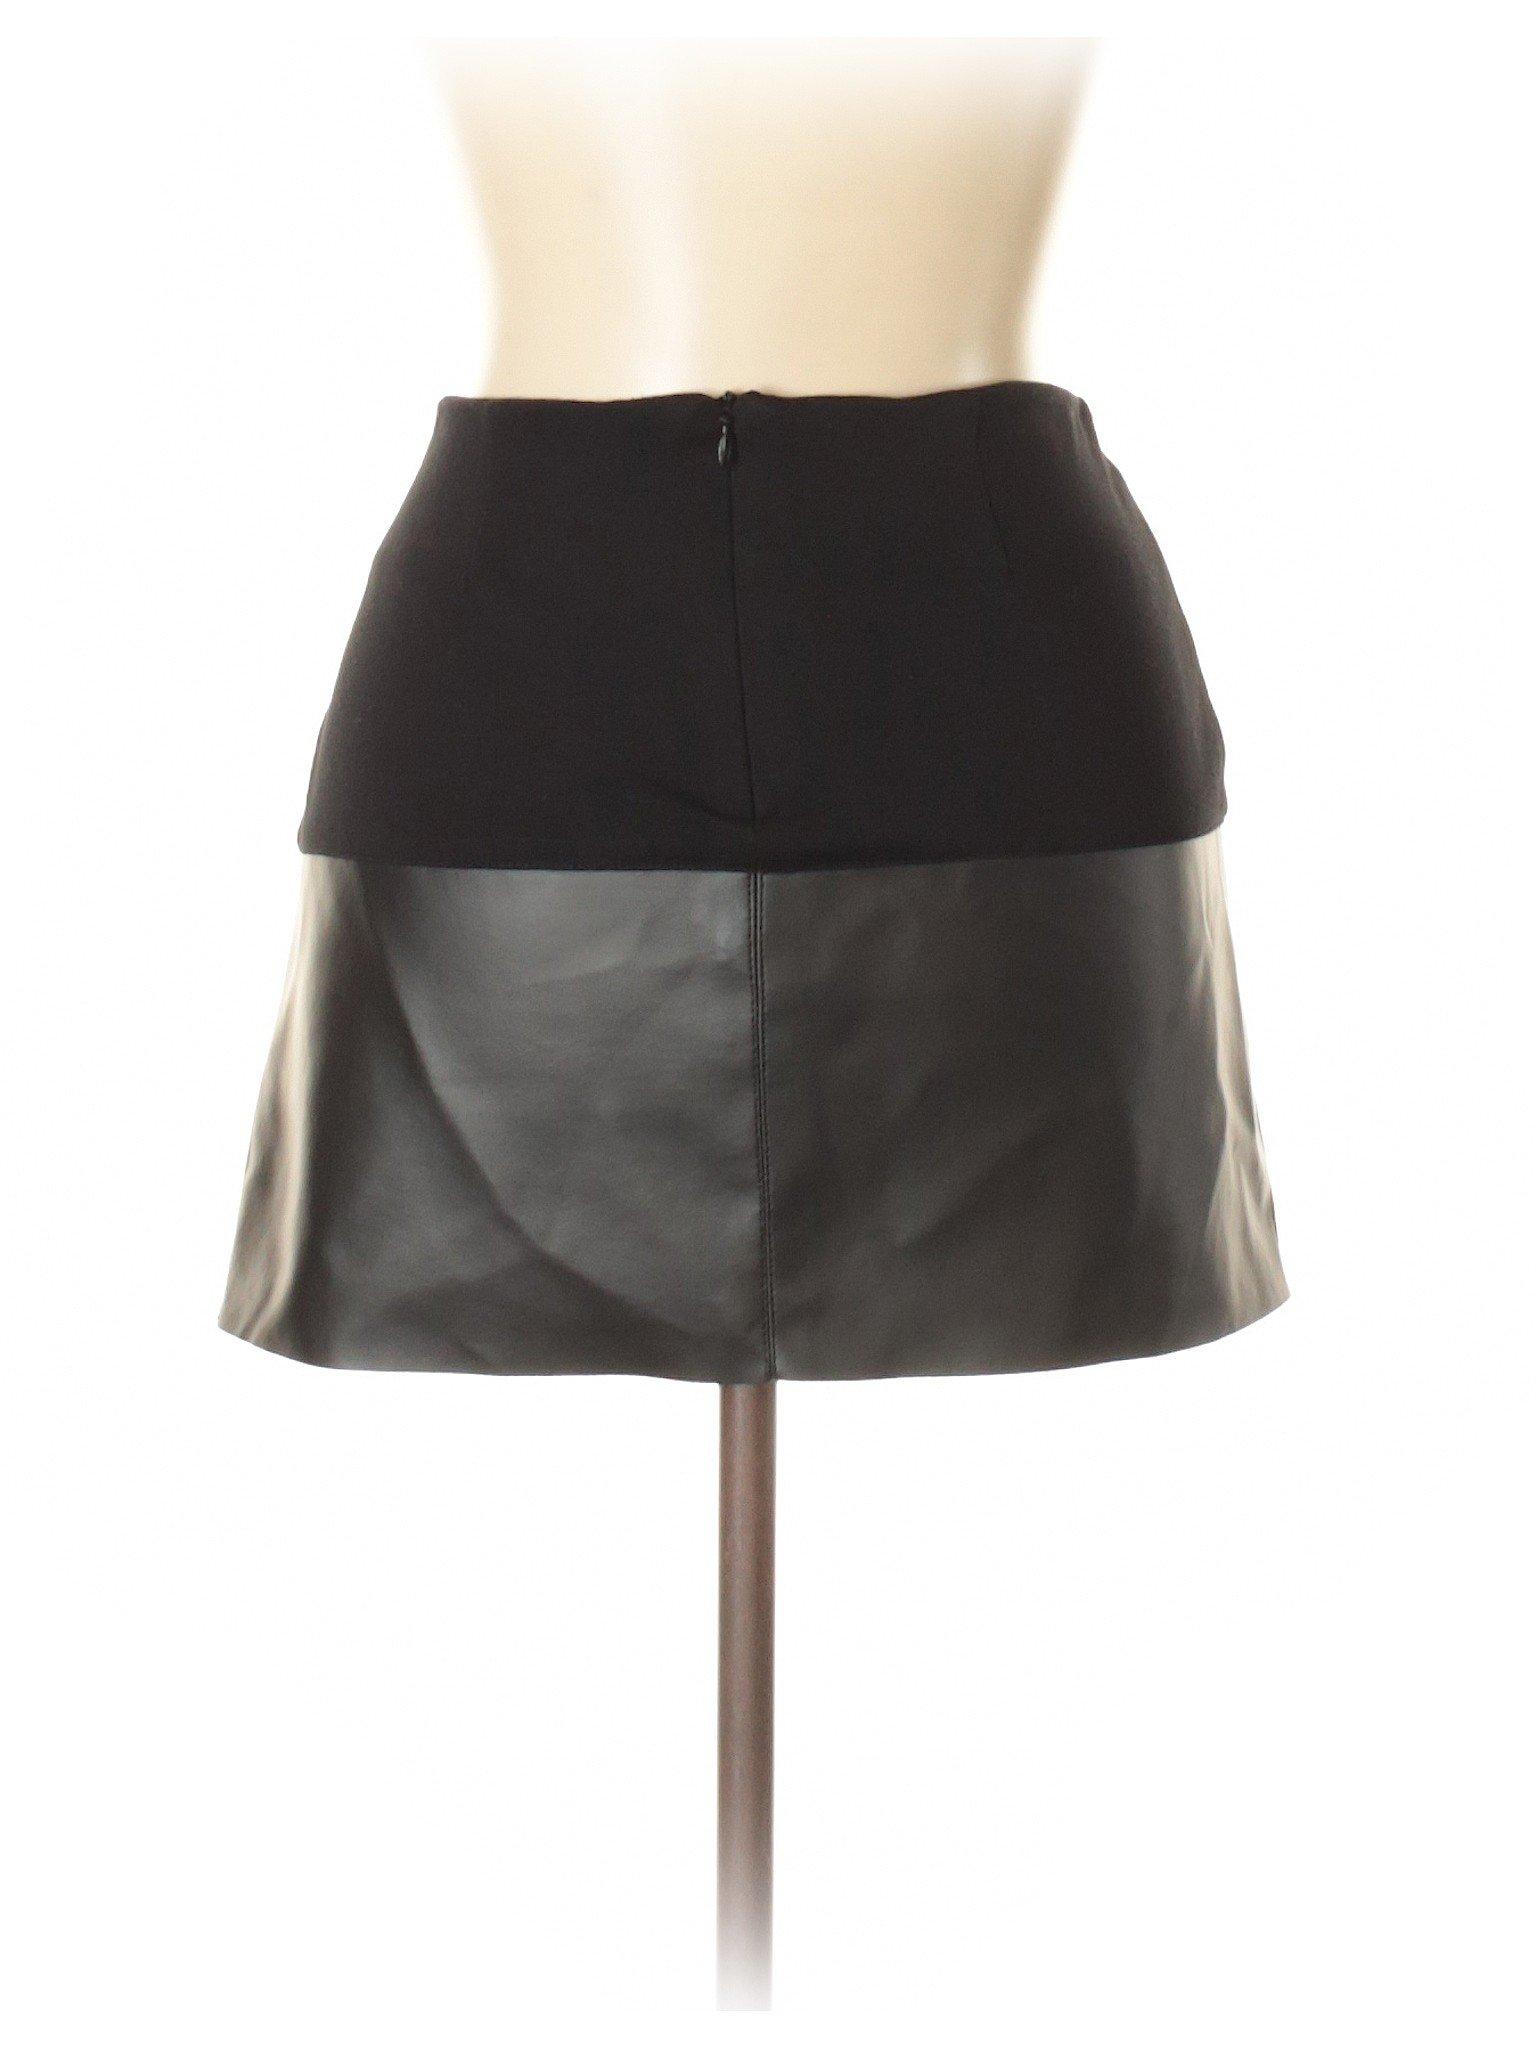 Skirt Boutique Skirt Casual Skirt Skirt Boutique Boutique Casual Boutique Casual Boutique Casual P8dqwq